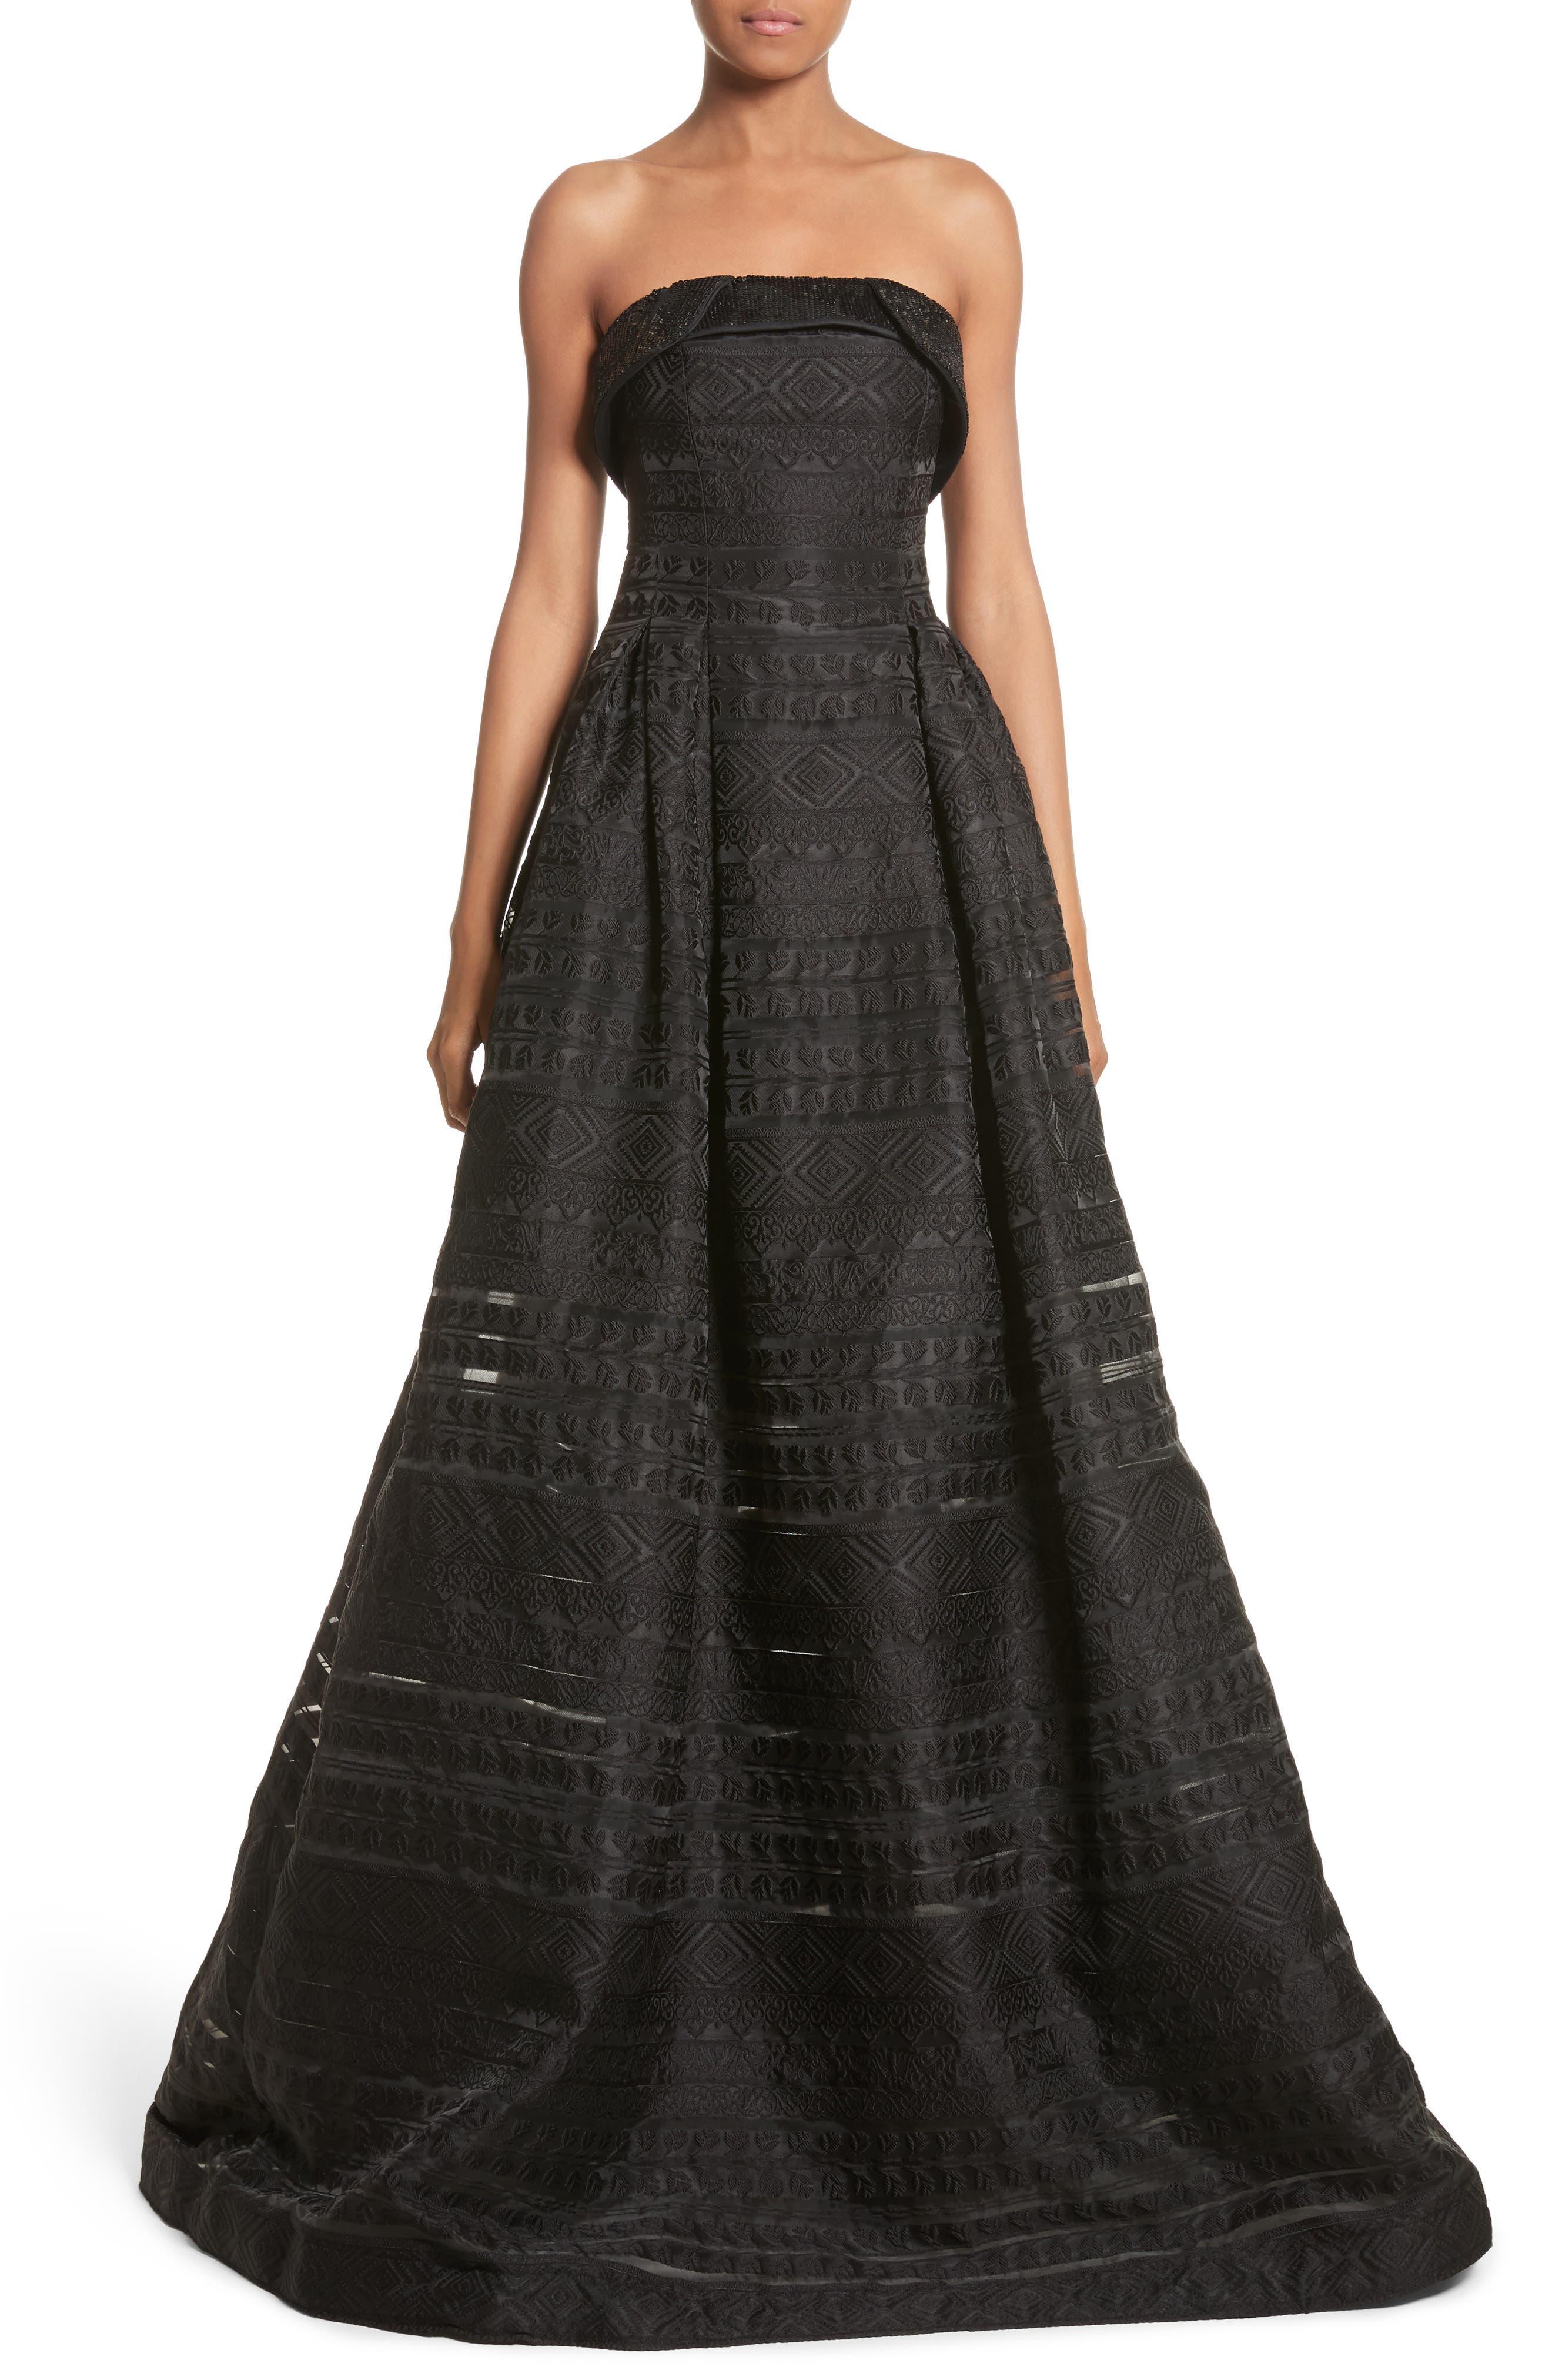 Main Image - Sachin & Babi Noir Istiklal Embellished Strapless Ballgown